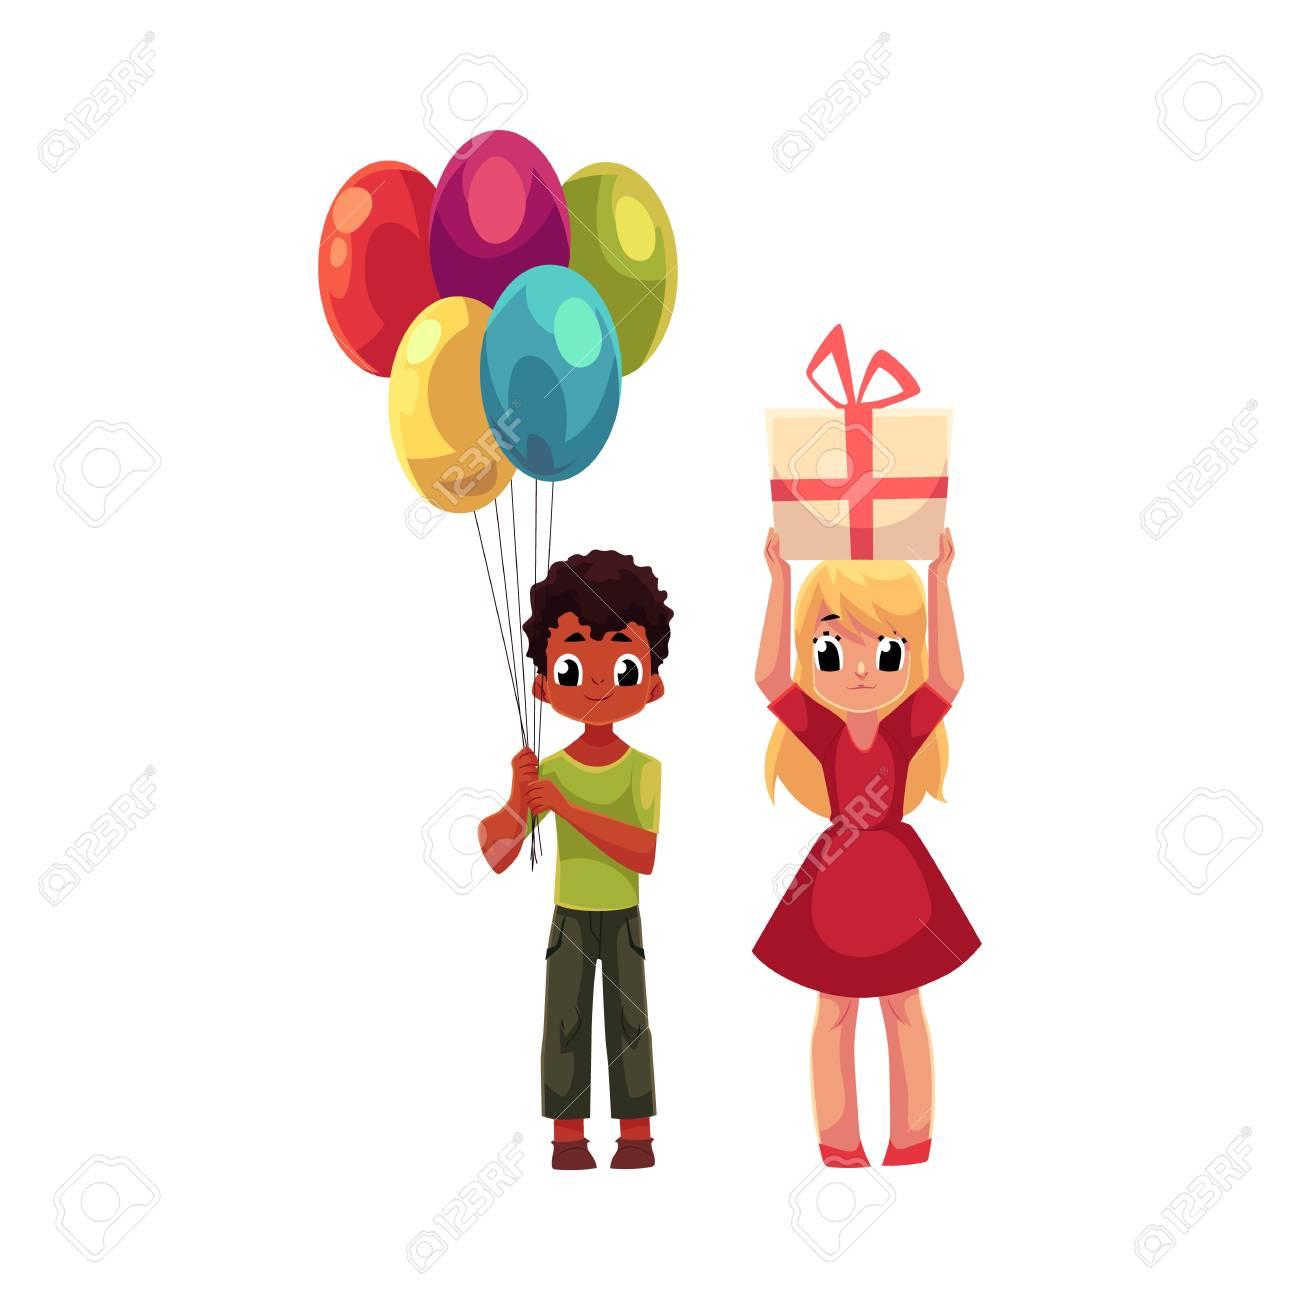 Garçon Noir Avec Bouquet De Ballons Et Blonde Fille Tenant Cadeau Danniversaire Bande Dessinée Illustration Vectorielle Isolé Sur Fond Blanc Deux